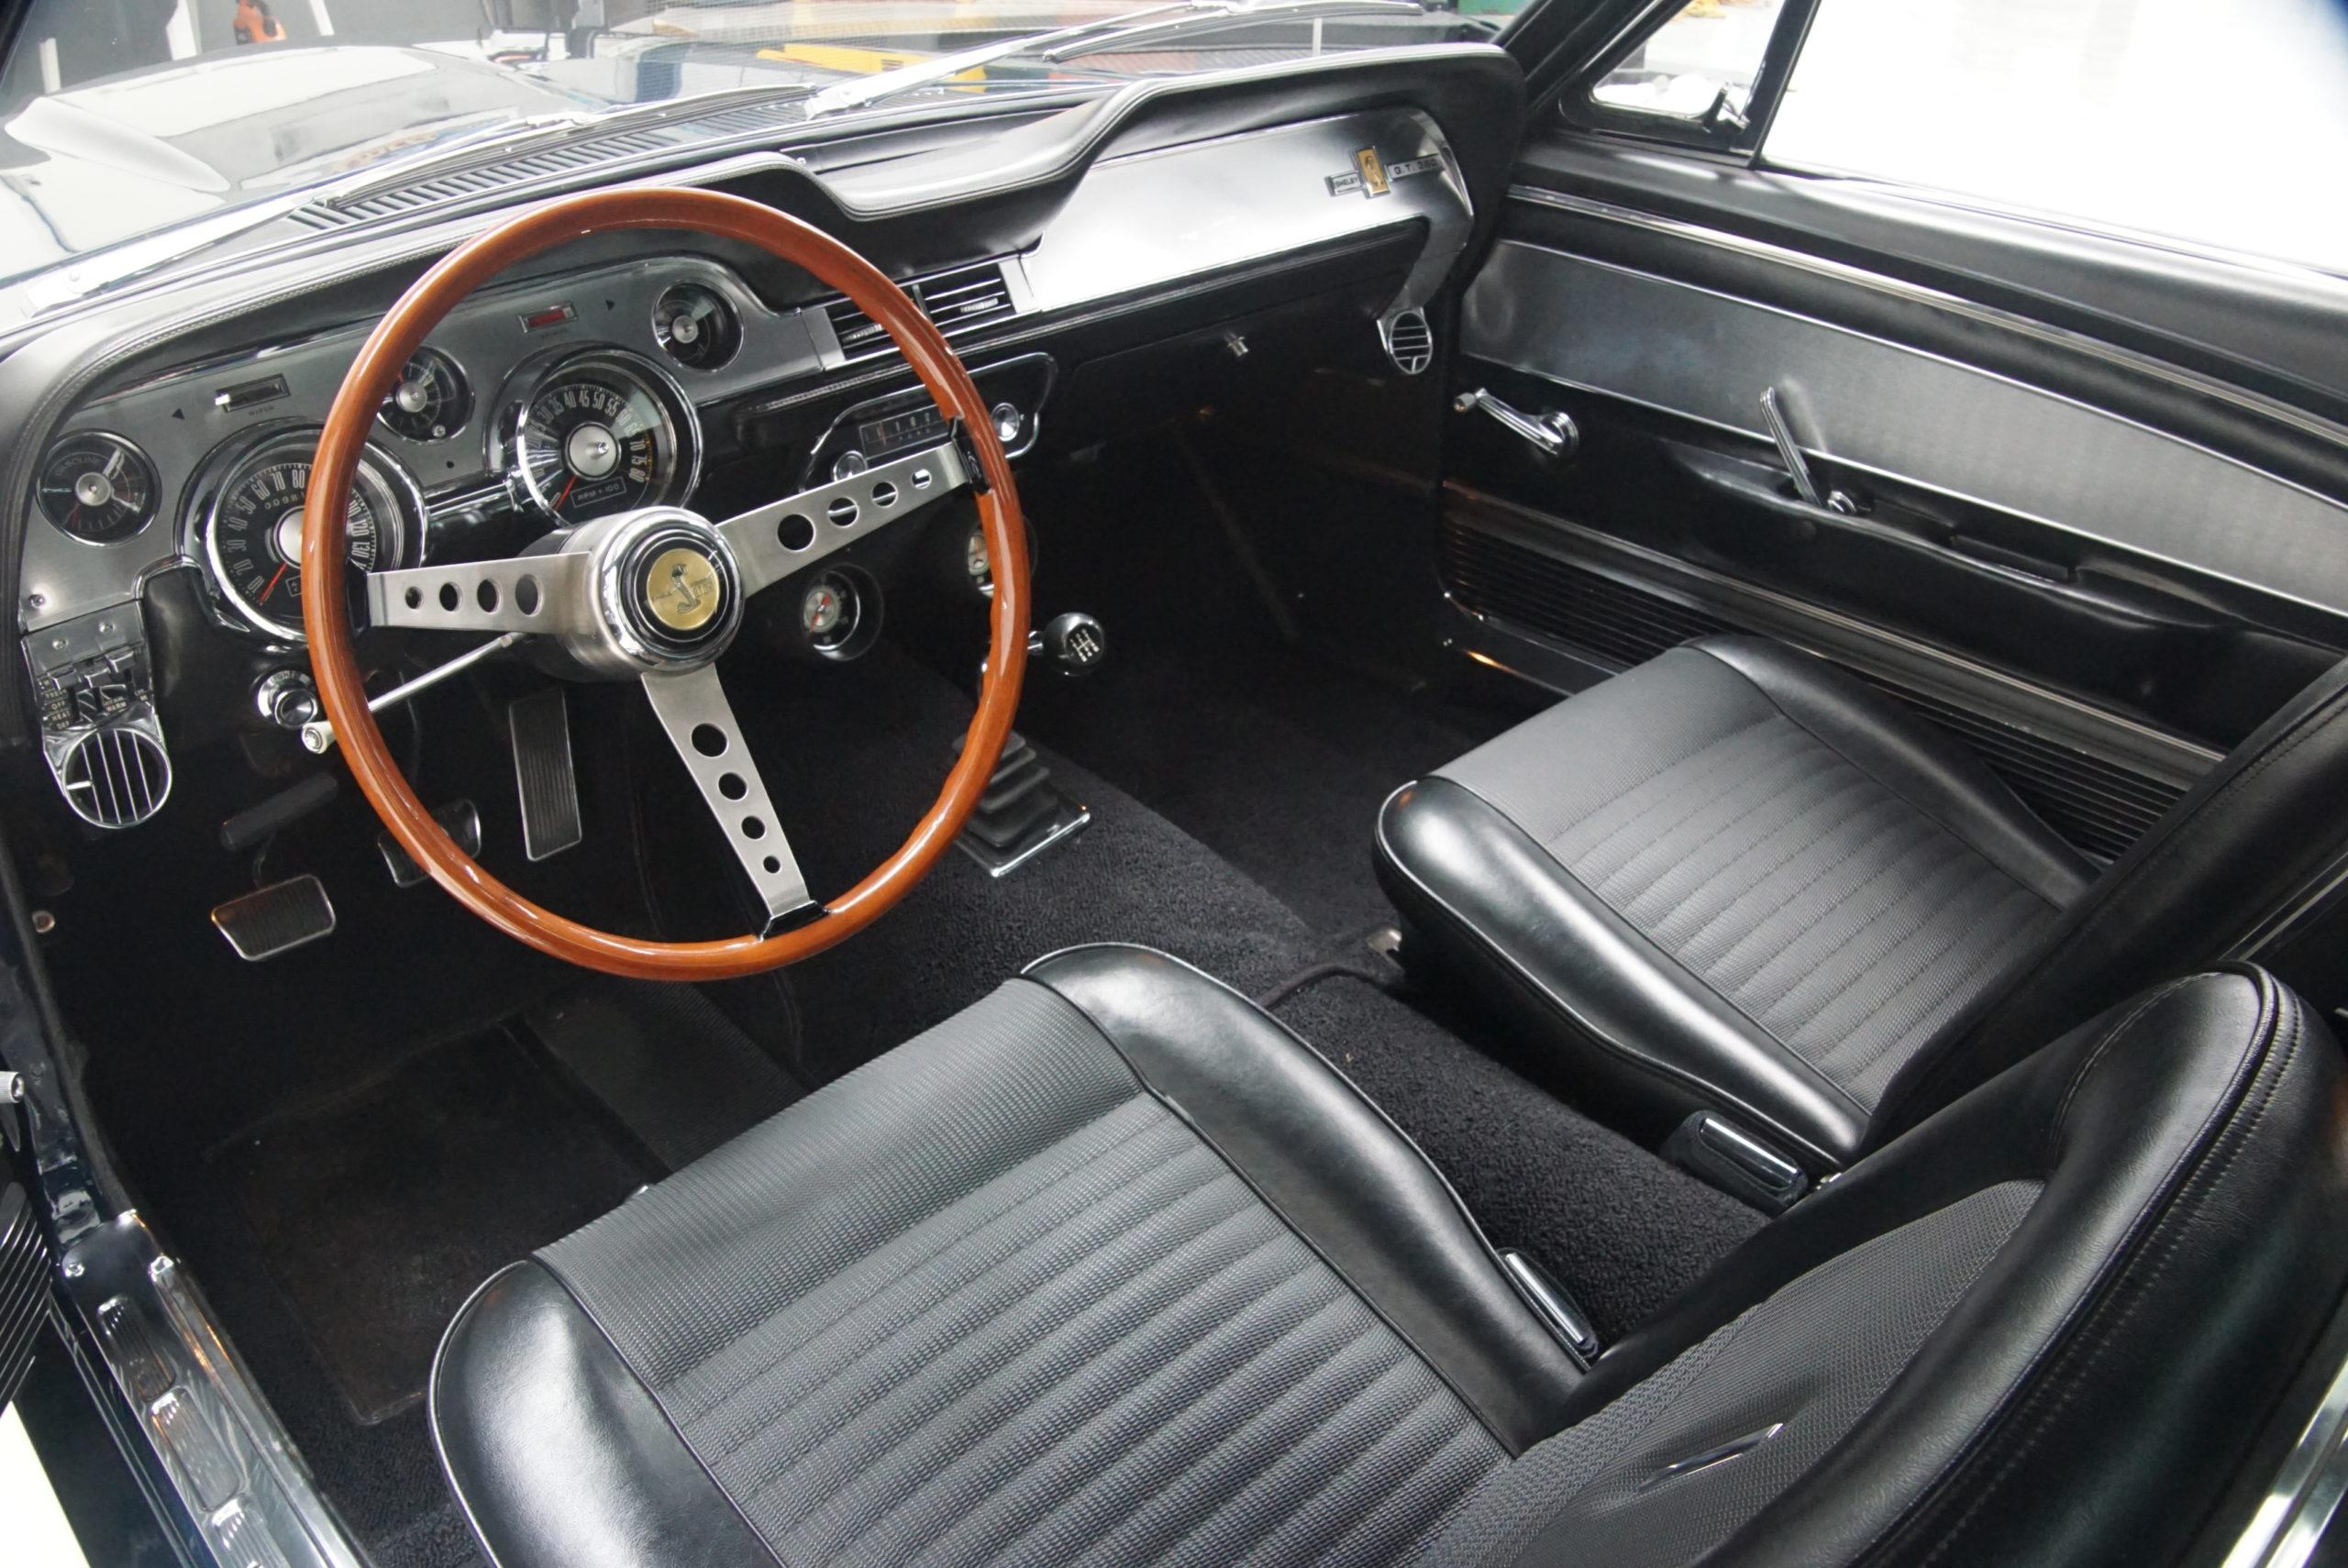 1967 Shelby Mustang GT350 Fastback intérieur poste de conduite - Shannons Auctions avril 2021.